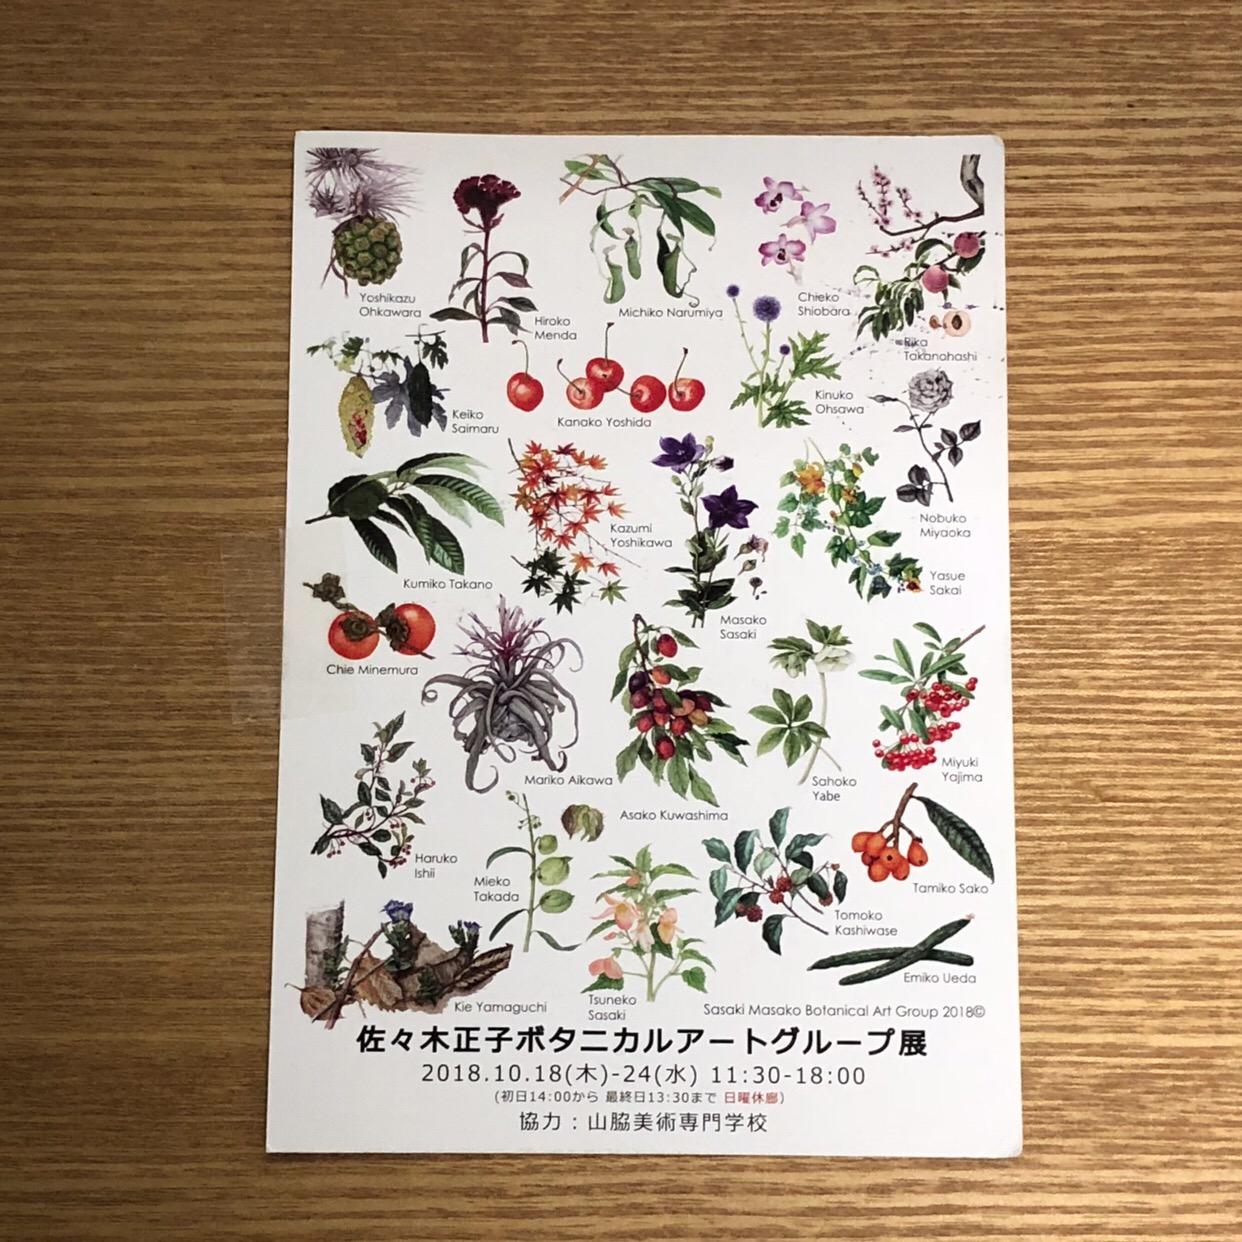 佐々木正子ボタニカルアートグループ展 市ヶ谷駅そば 10/24(水)迄 無料 植物の好きな方はぜひ!